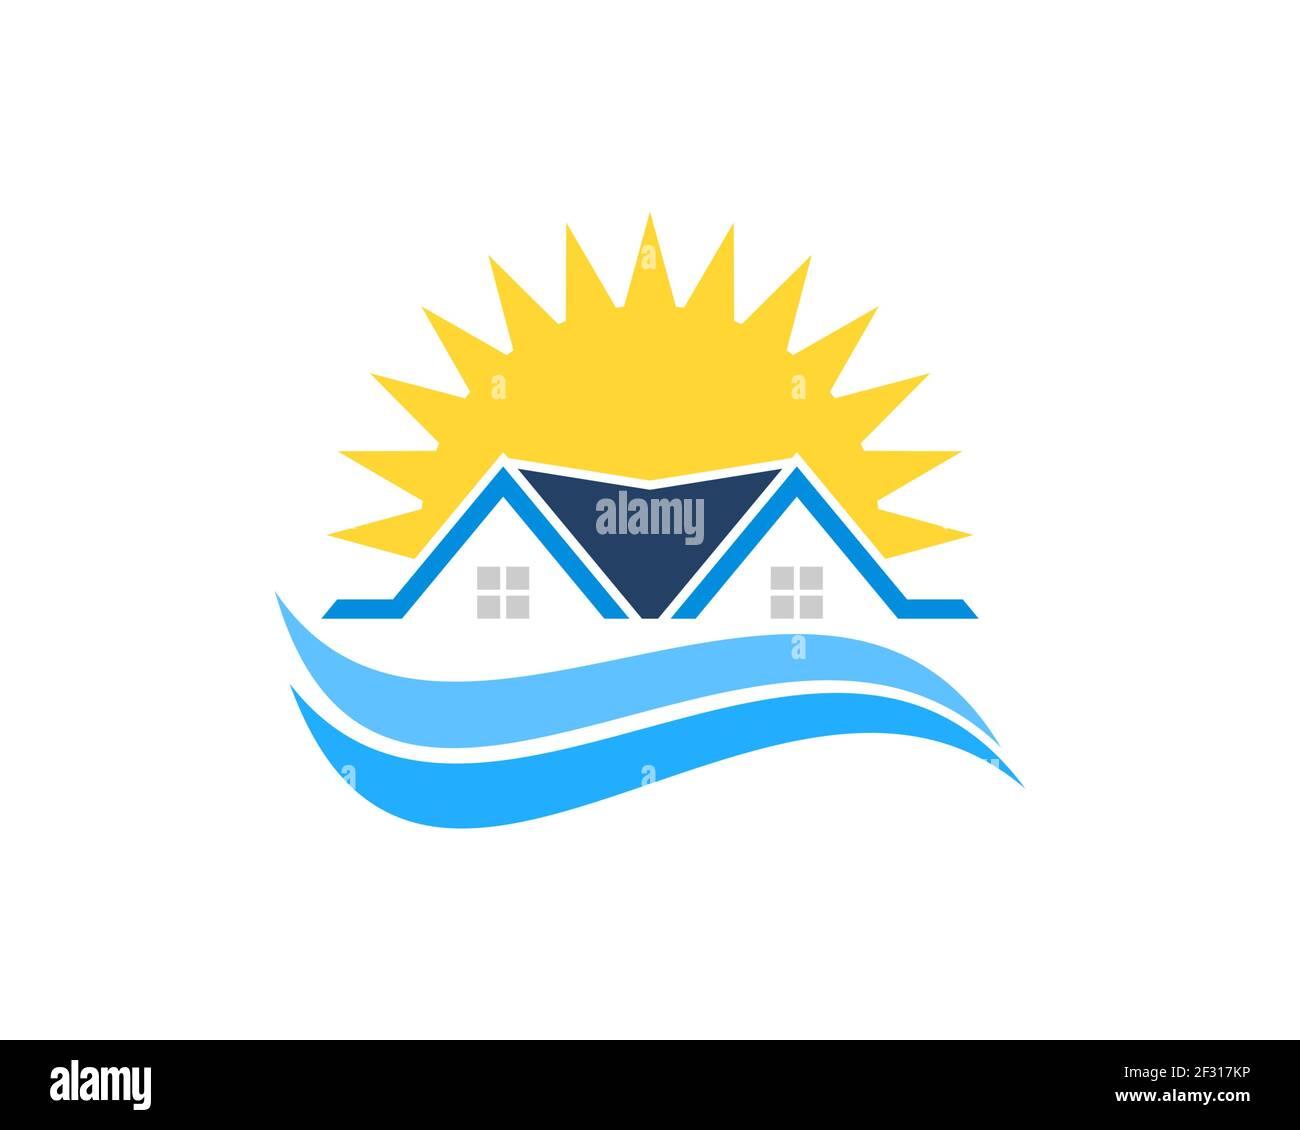 Casa sencilla con olas de playa y sol brillante Foto de stock